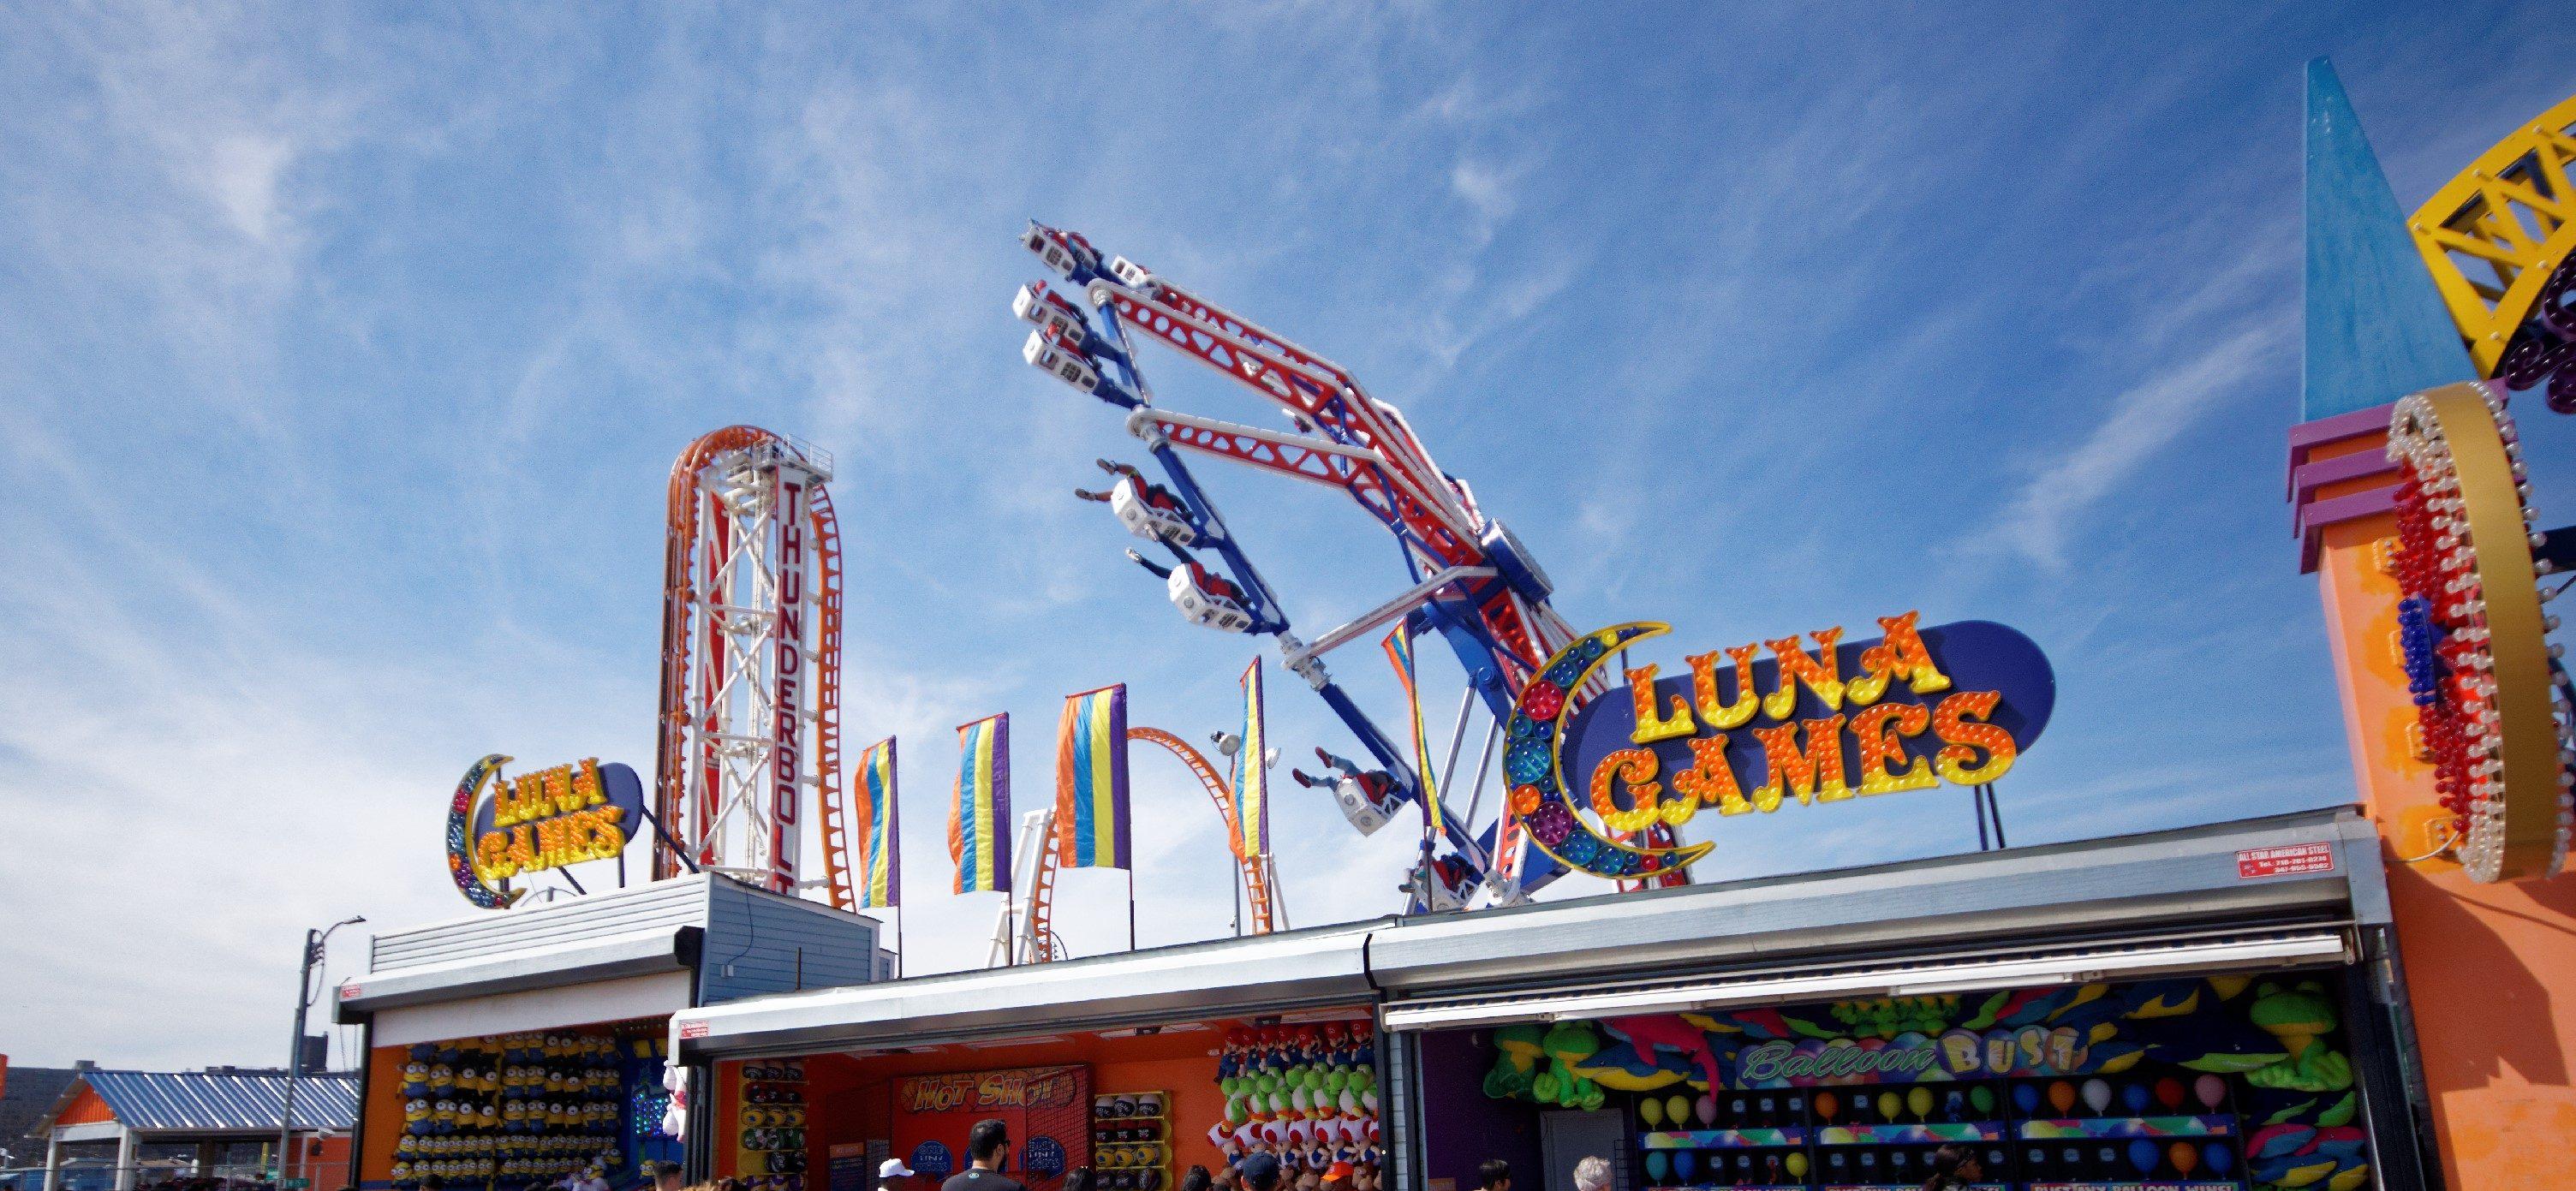 festival fun parks llc Corporate - Luna Park Coney Island